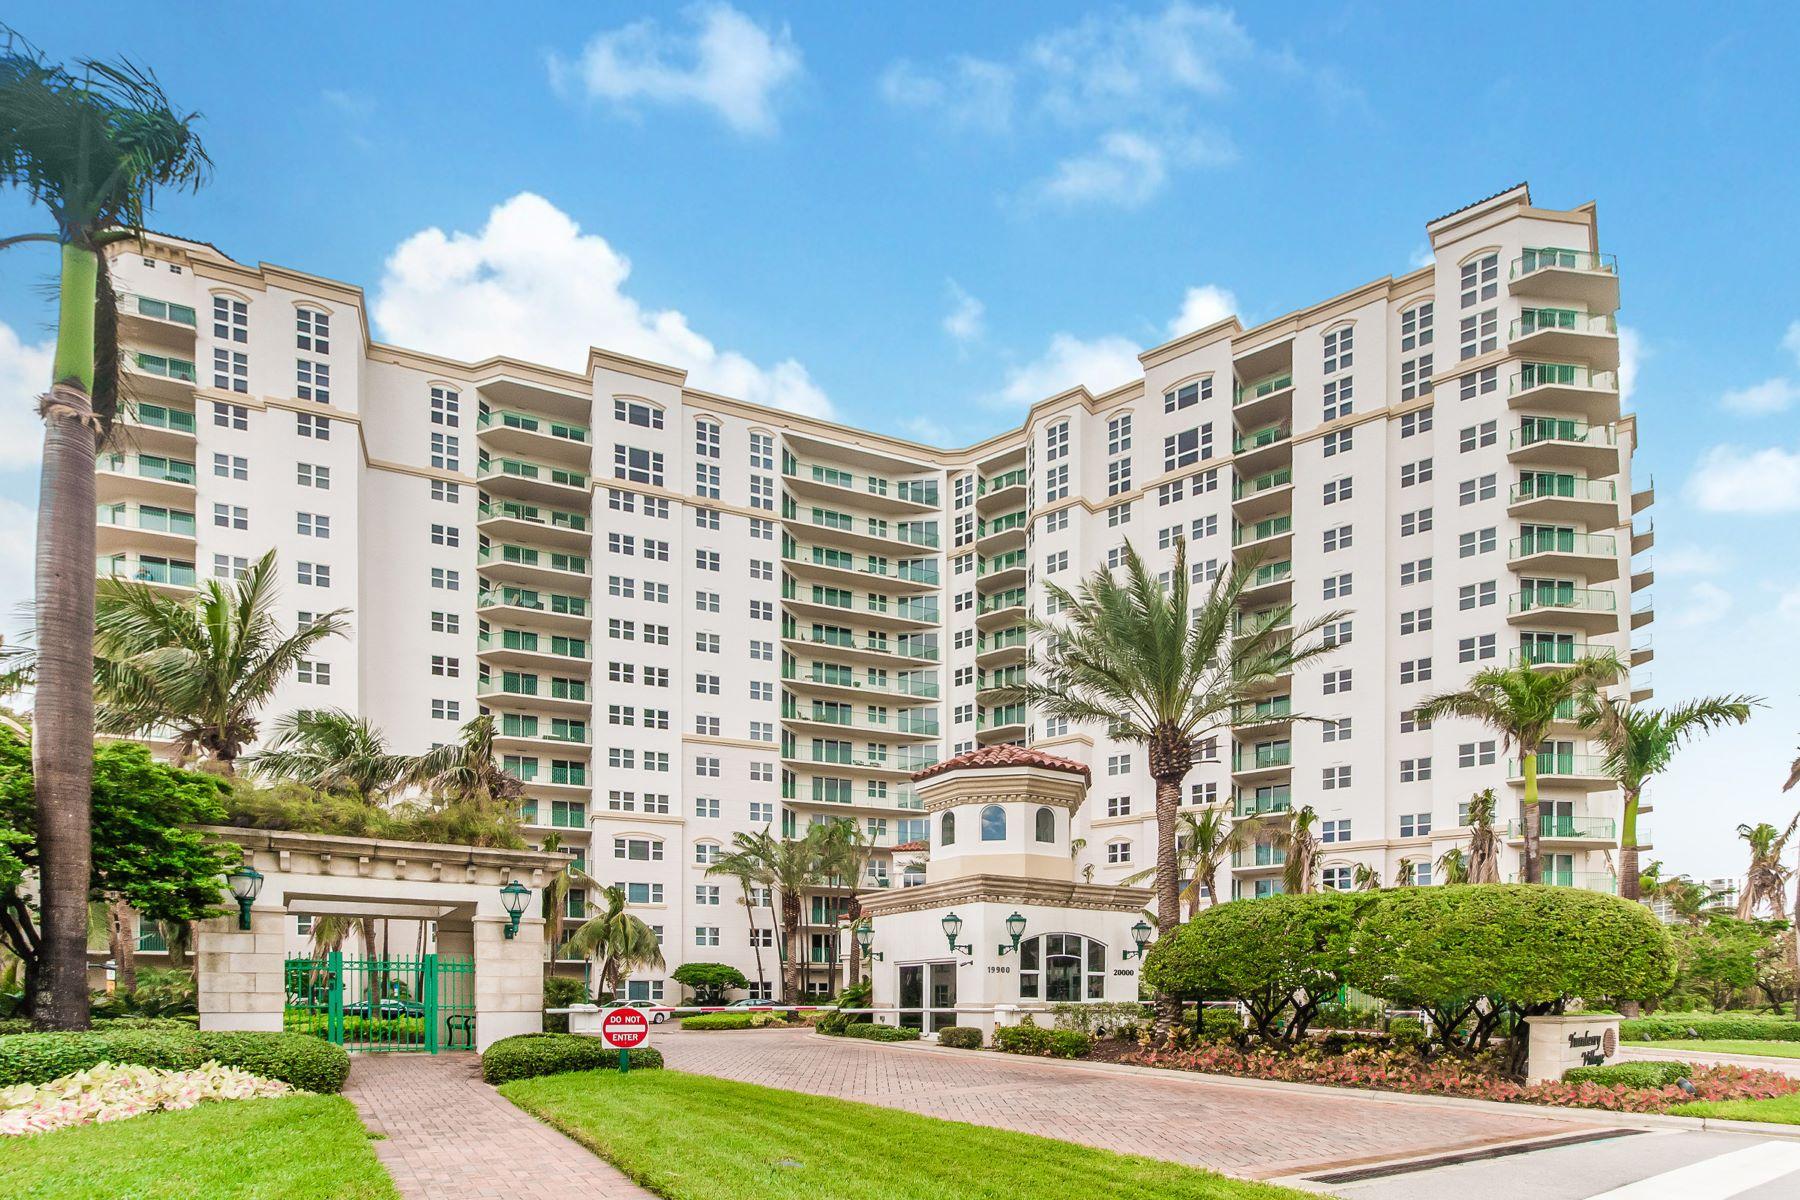 Condomínio para Locação às 20000 E Country Club Dr #803 20000 E Country Club Dr 803 Aventura, Florida 33180 Estados Unidos